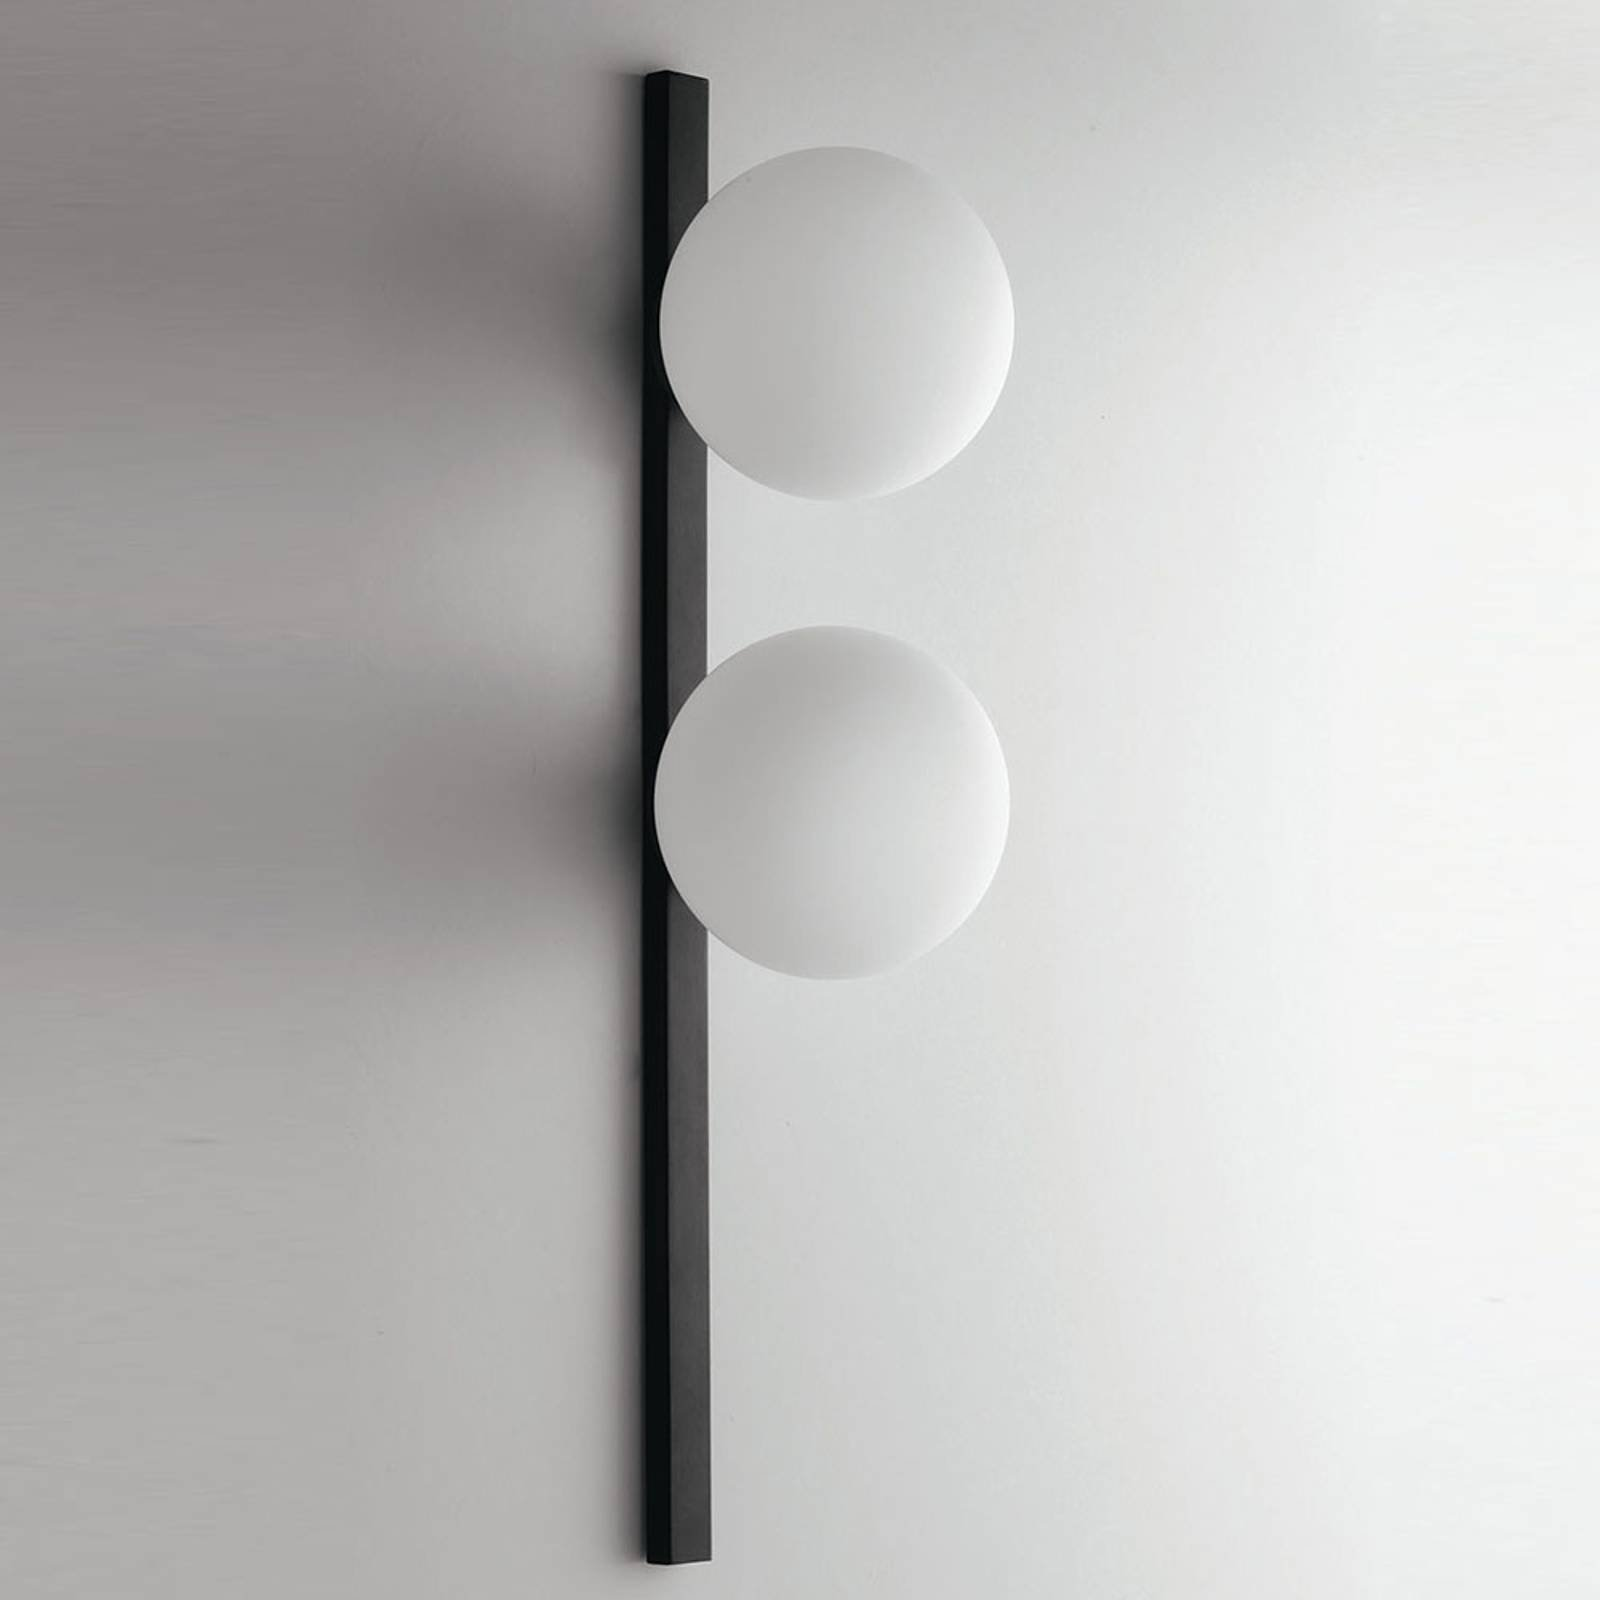 Vegglampe Enoire i svart og hvit, 2 lyskilder